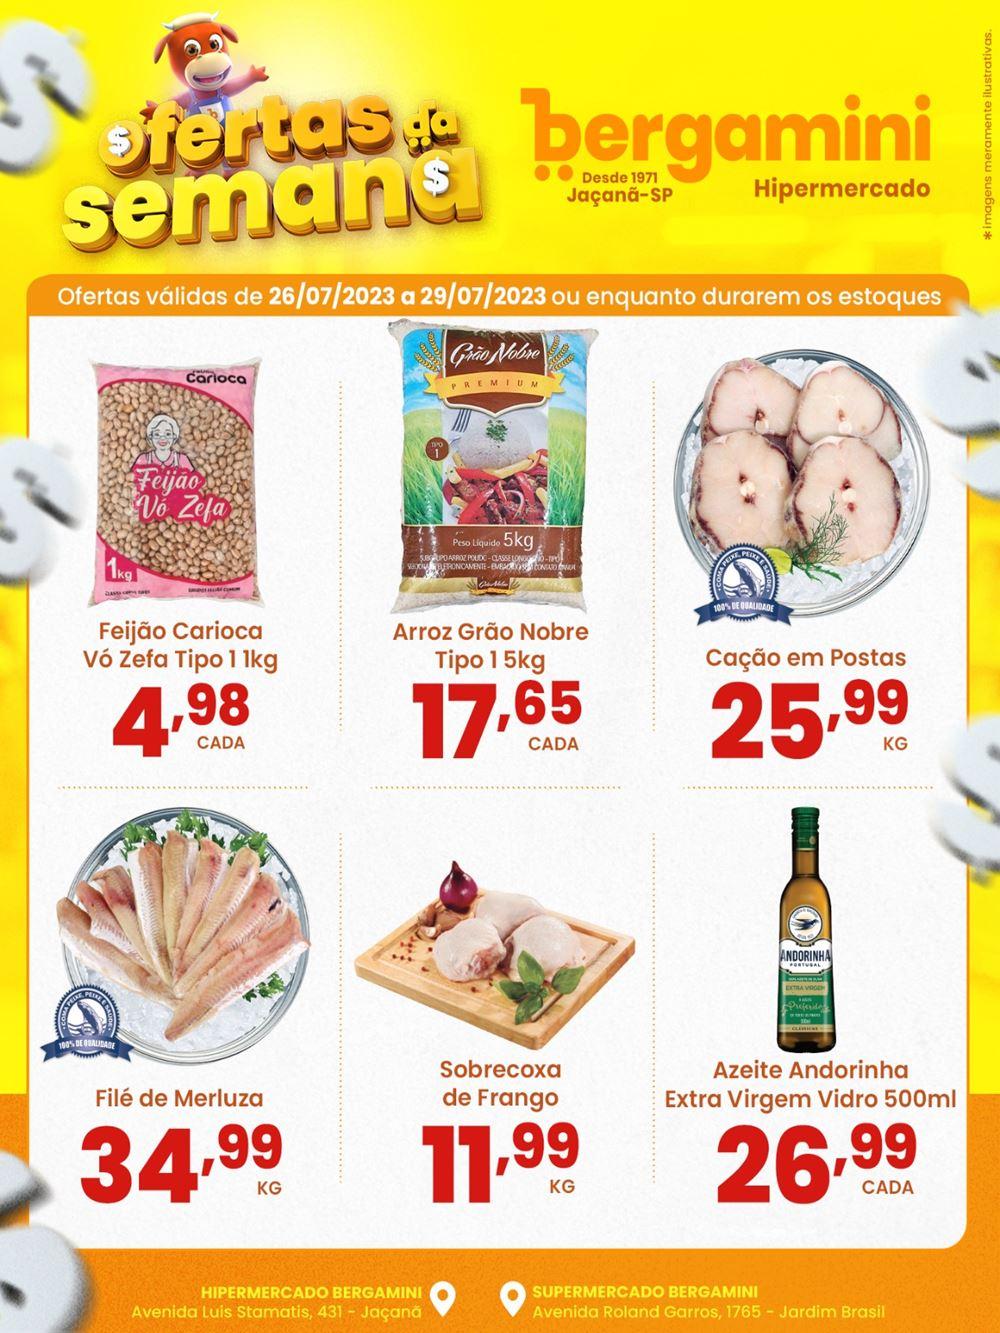 bergamini-ofertas-descontos-hoje1-38 Ofertas de supermercados